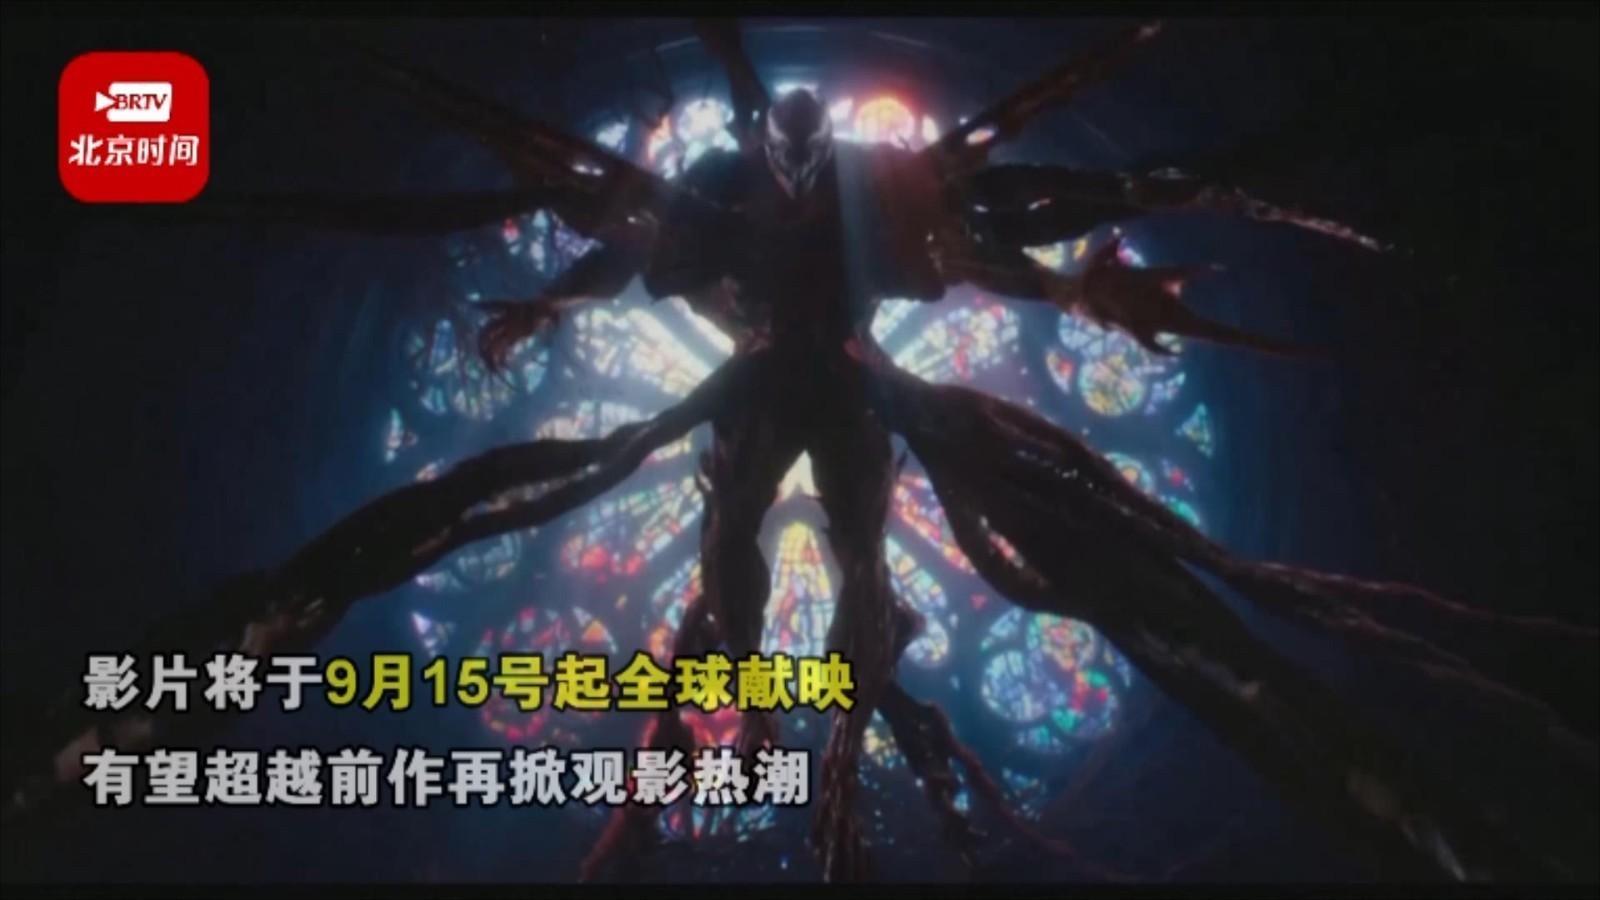 """漫威超级英雄""""毒液""""重磅回归!《毒液2》发布首支预告 9月全球上映"""